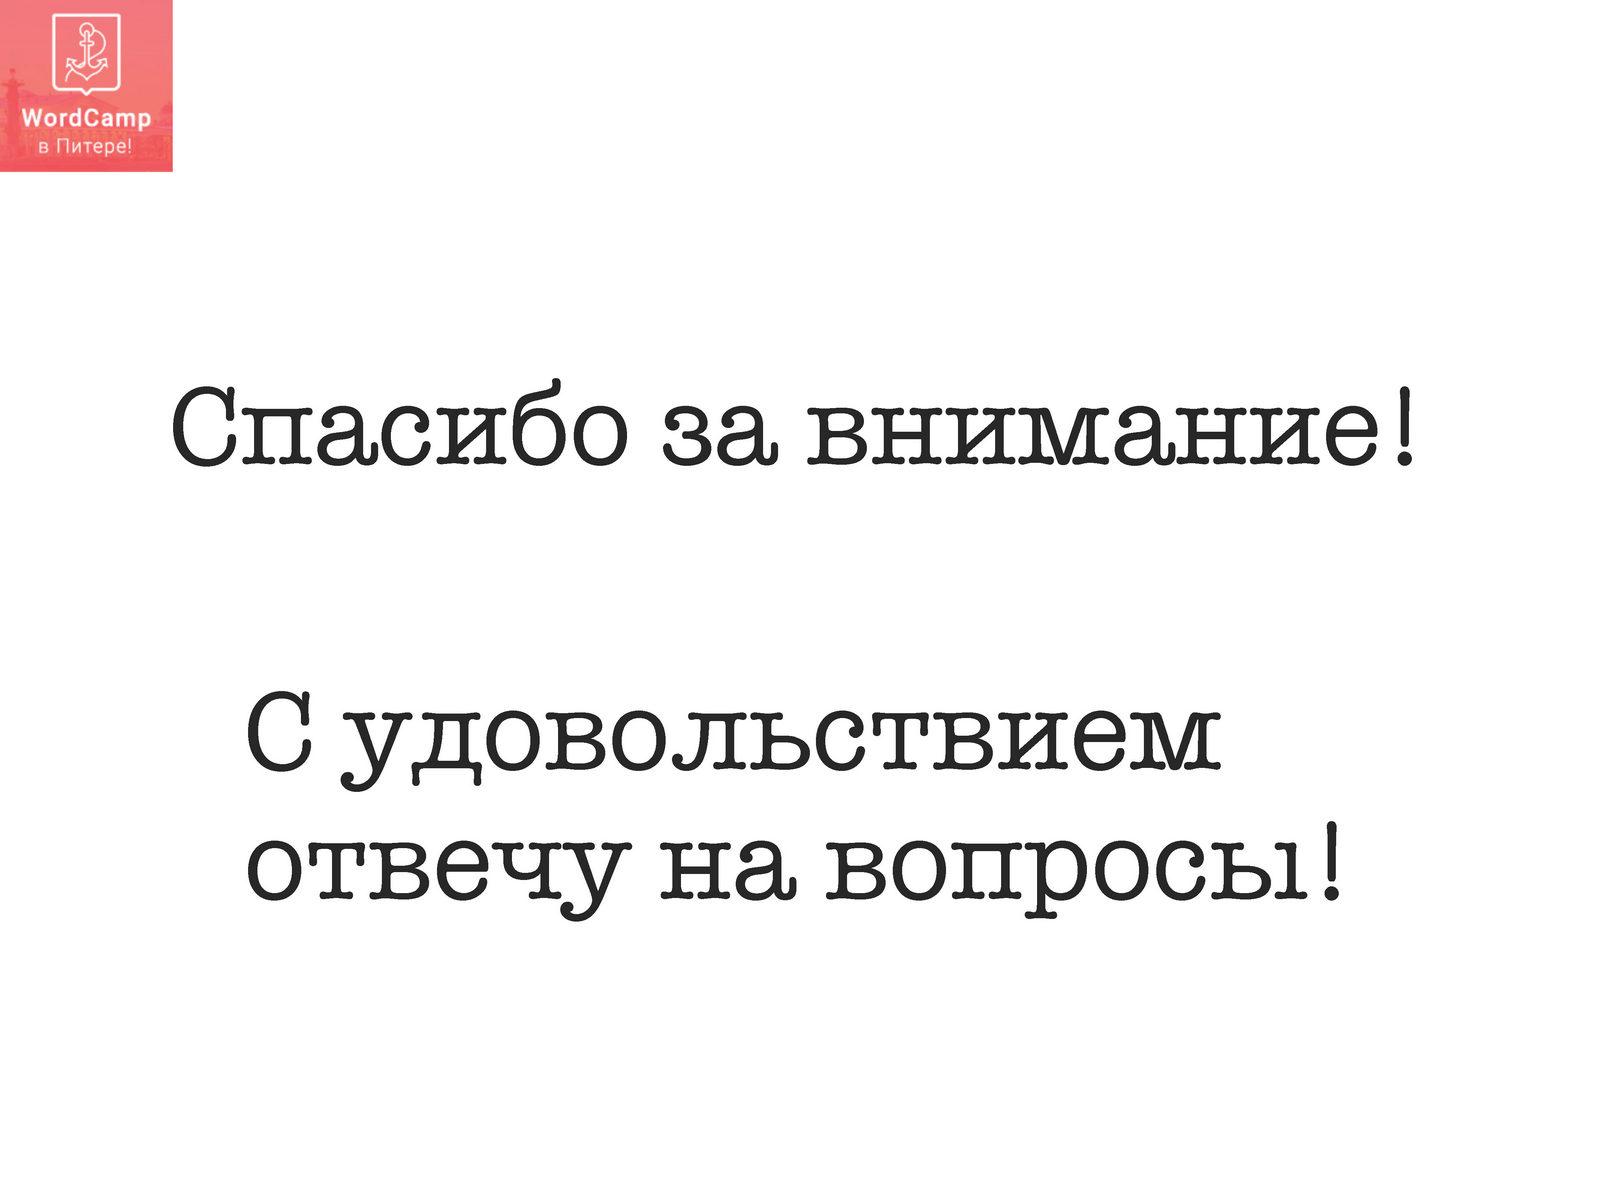 Тимур Гоголев - 100% распределенная компания мифы или реальность_Page_22